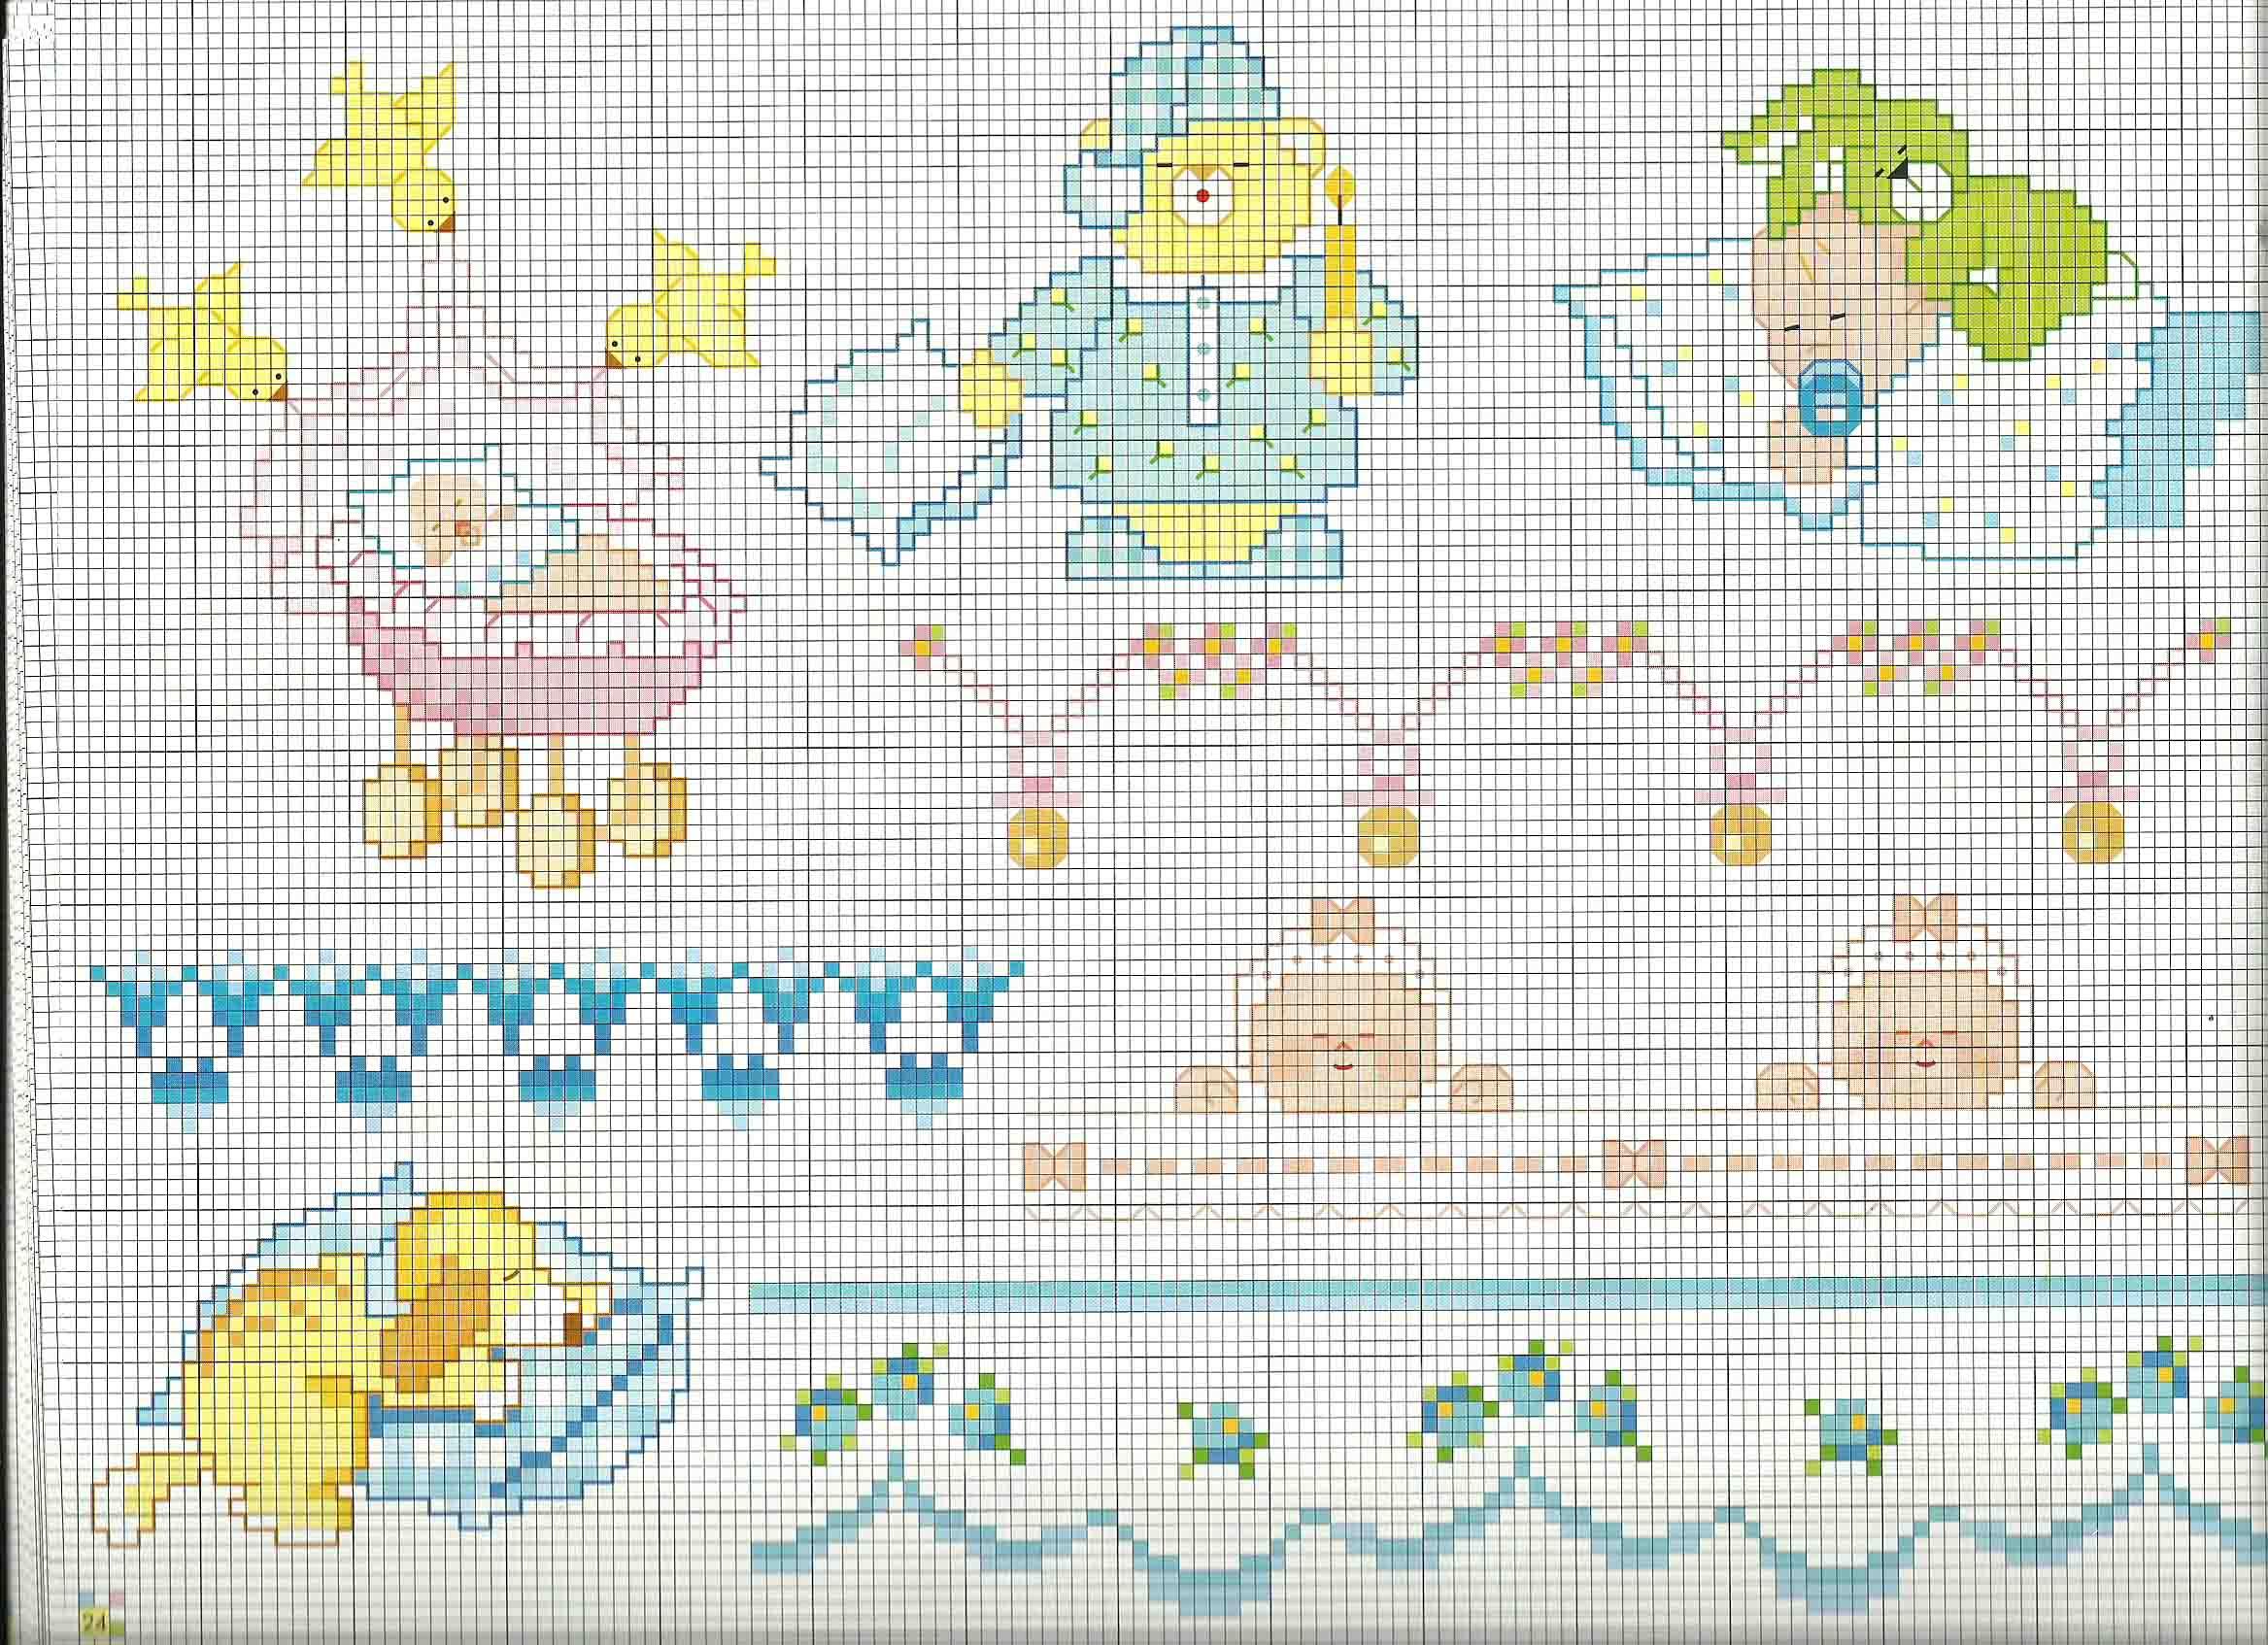 Schemi copertina lenzuolino beb punto croce la nanna for Schemi punto croce bagnetto bimbi